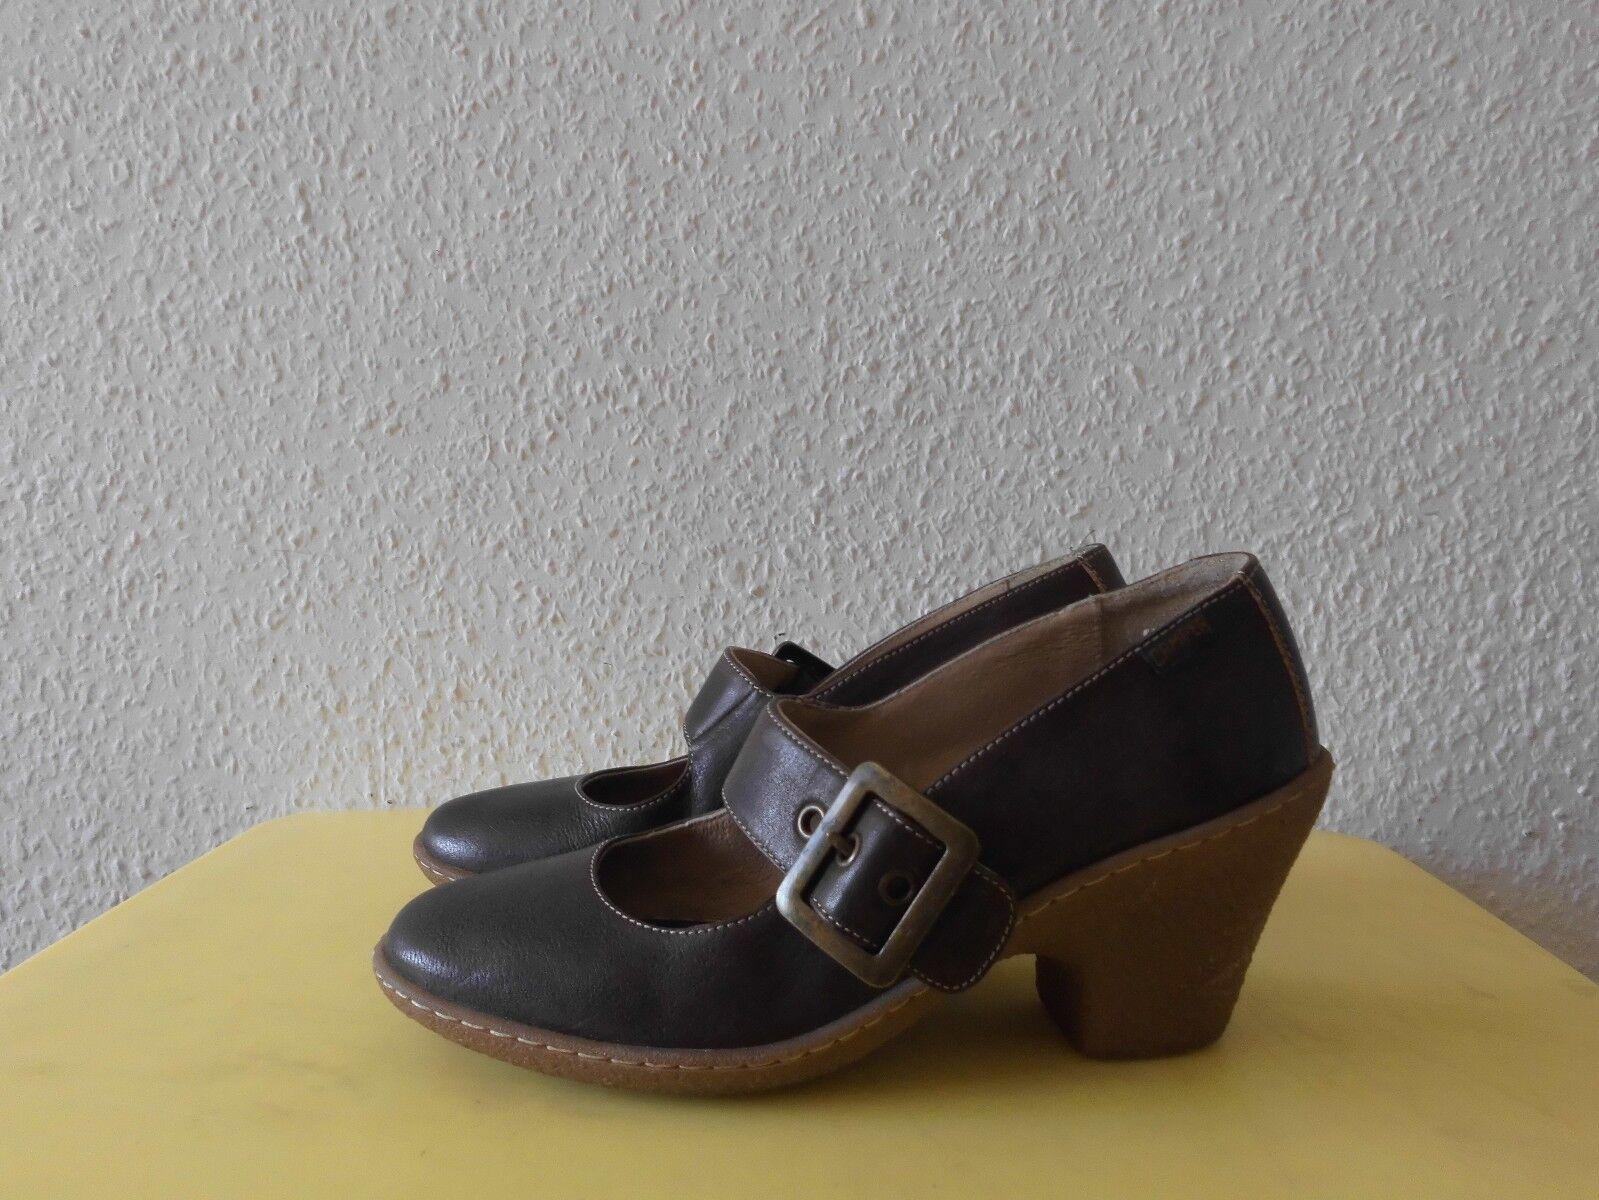 Schuhe Pumps  Camper  Gr.39  Leder,  TOP